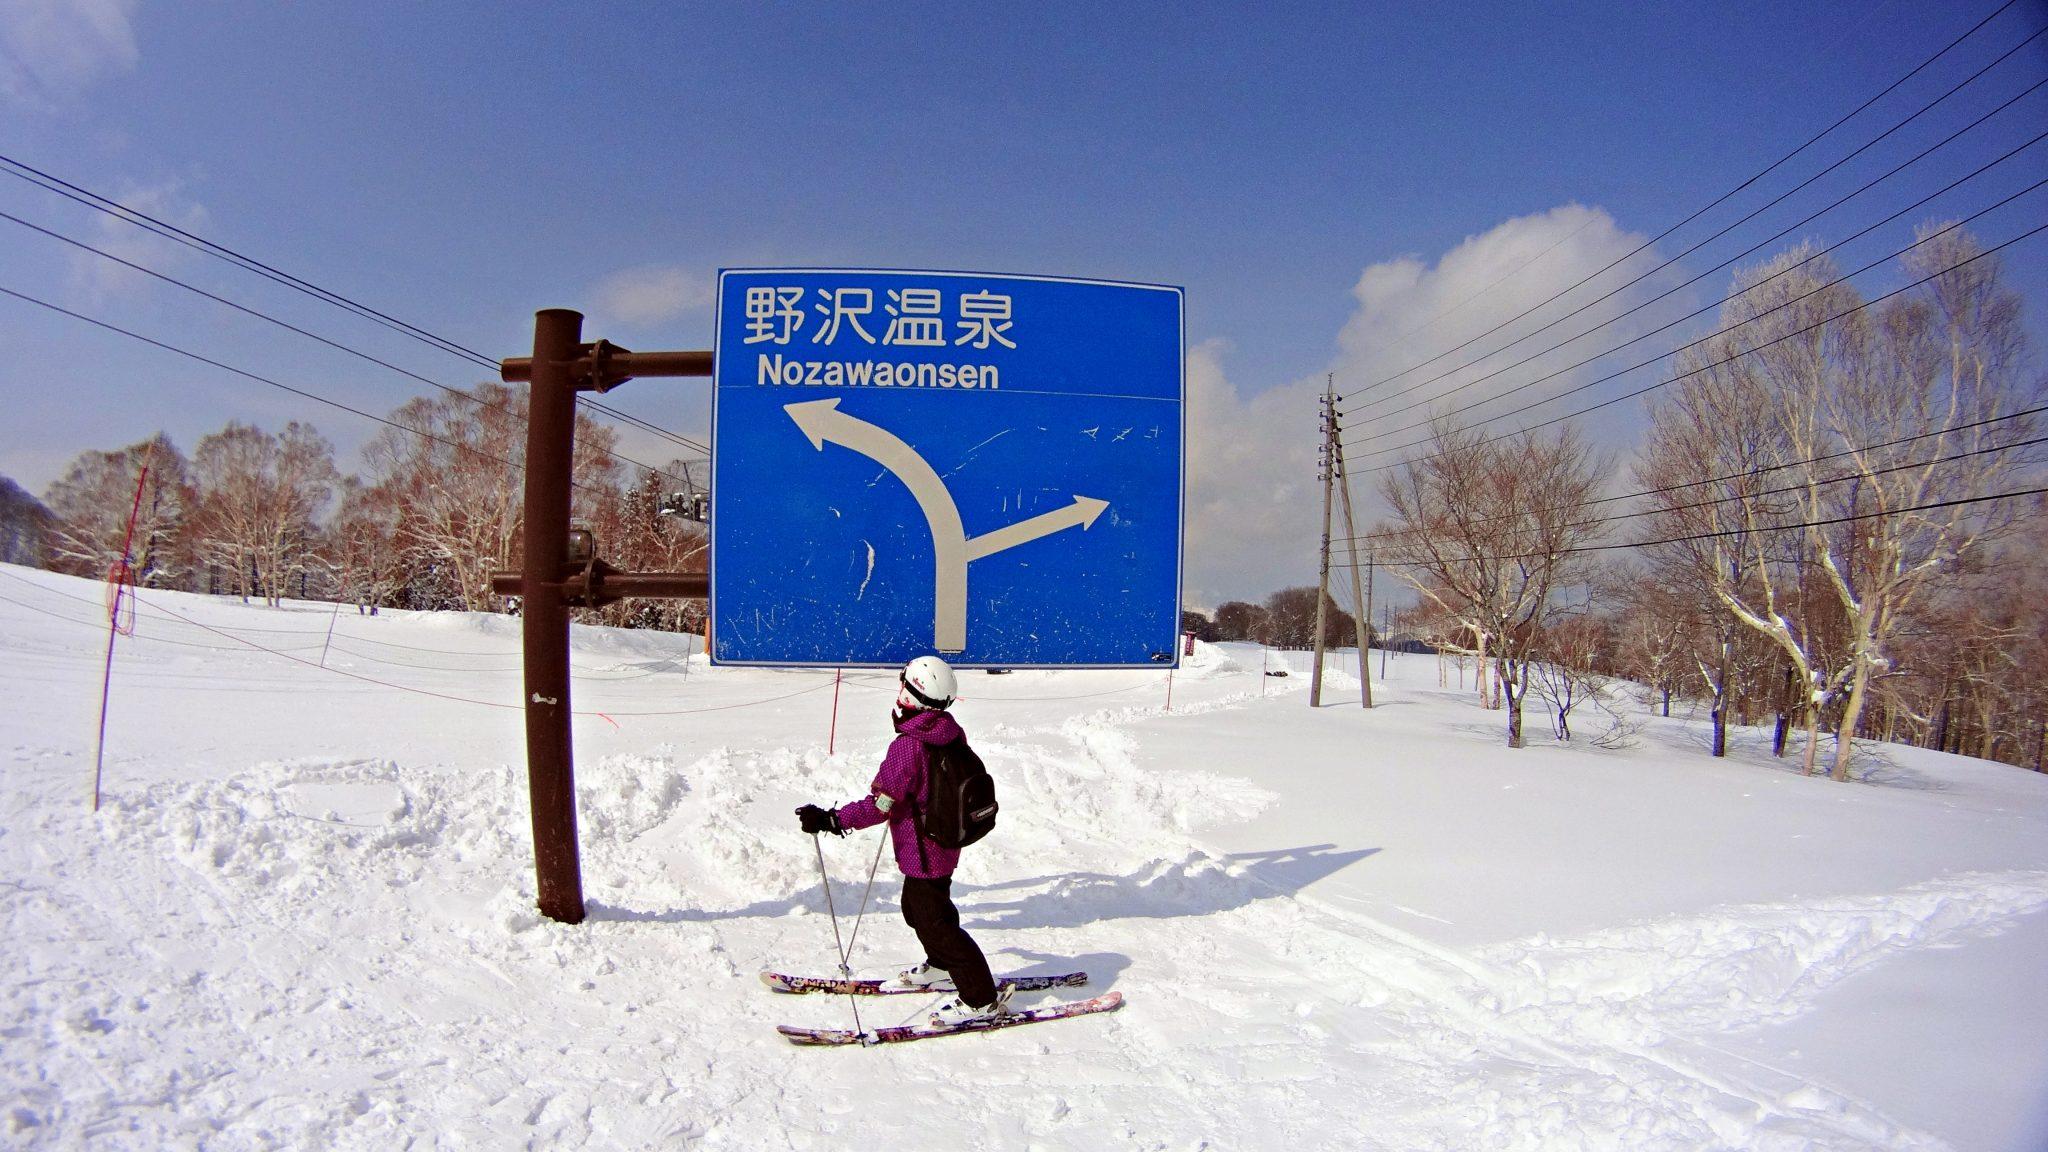 5 dôvodov prečo ísť na Working Holiday do Japonska v zime